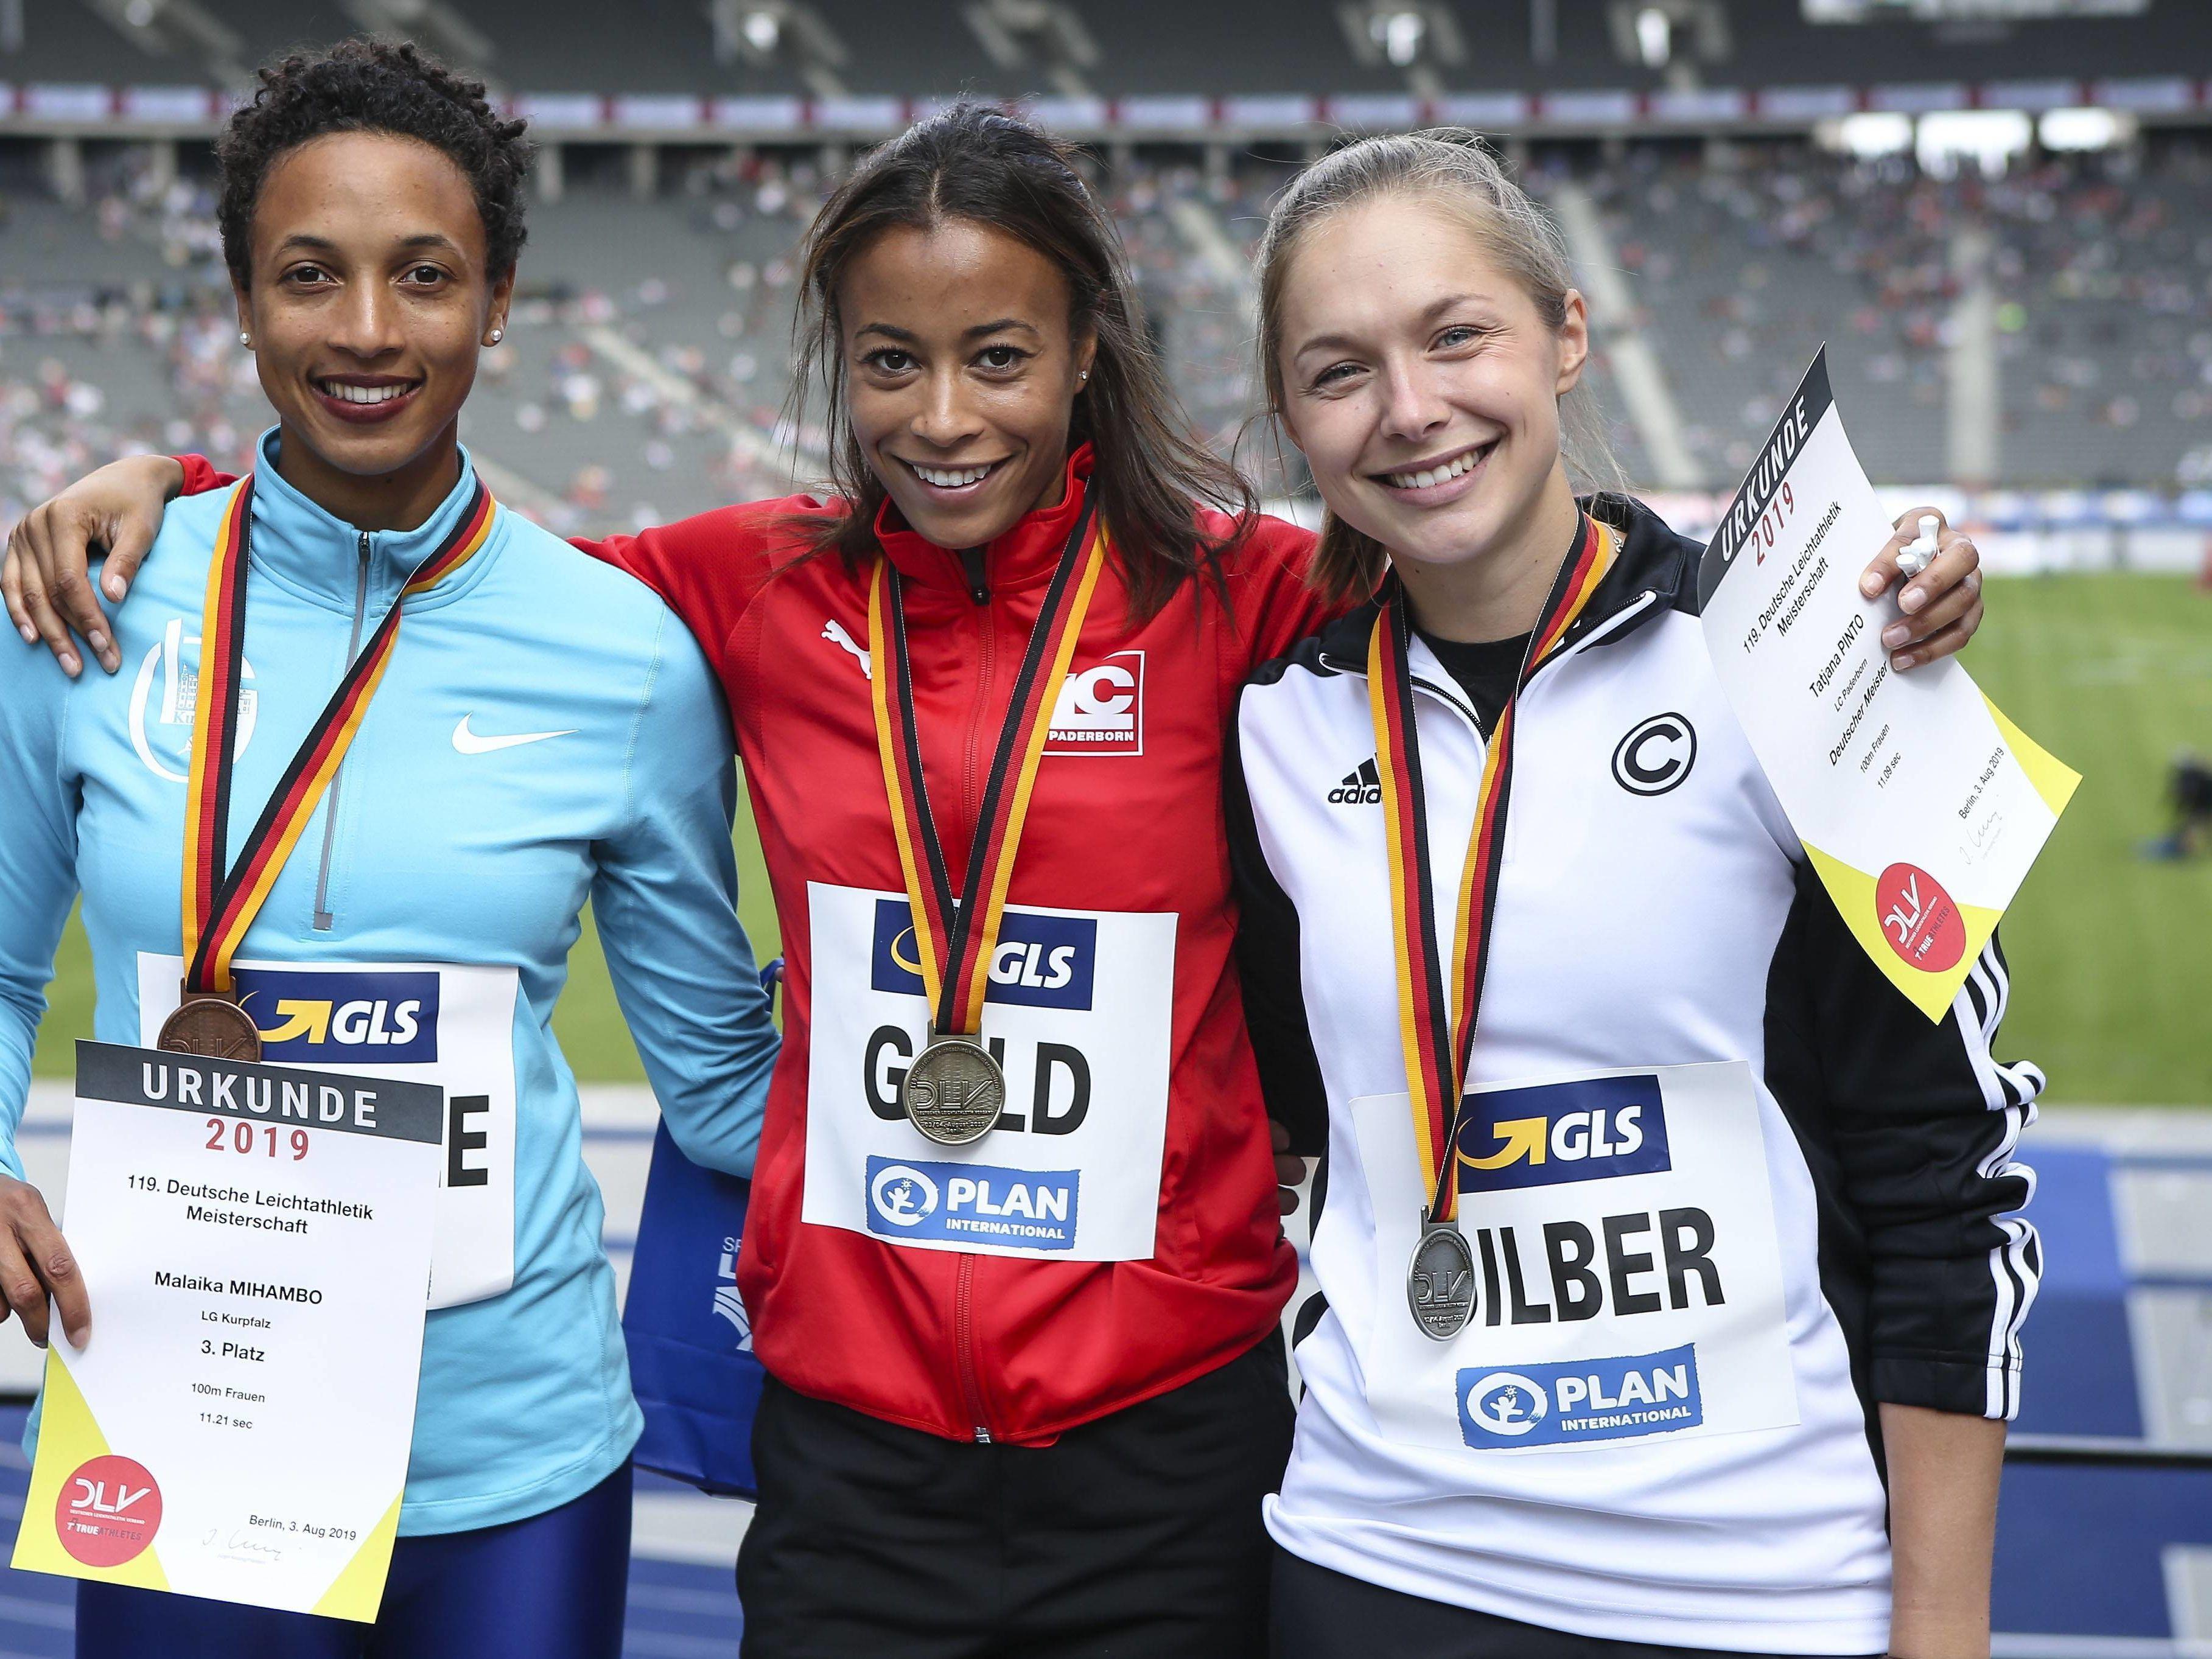 Im Kreis der besten deutschen Sprinterinnen: Mihambo holte bei den